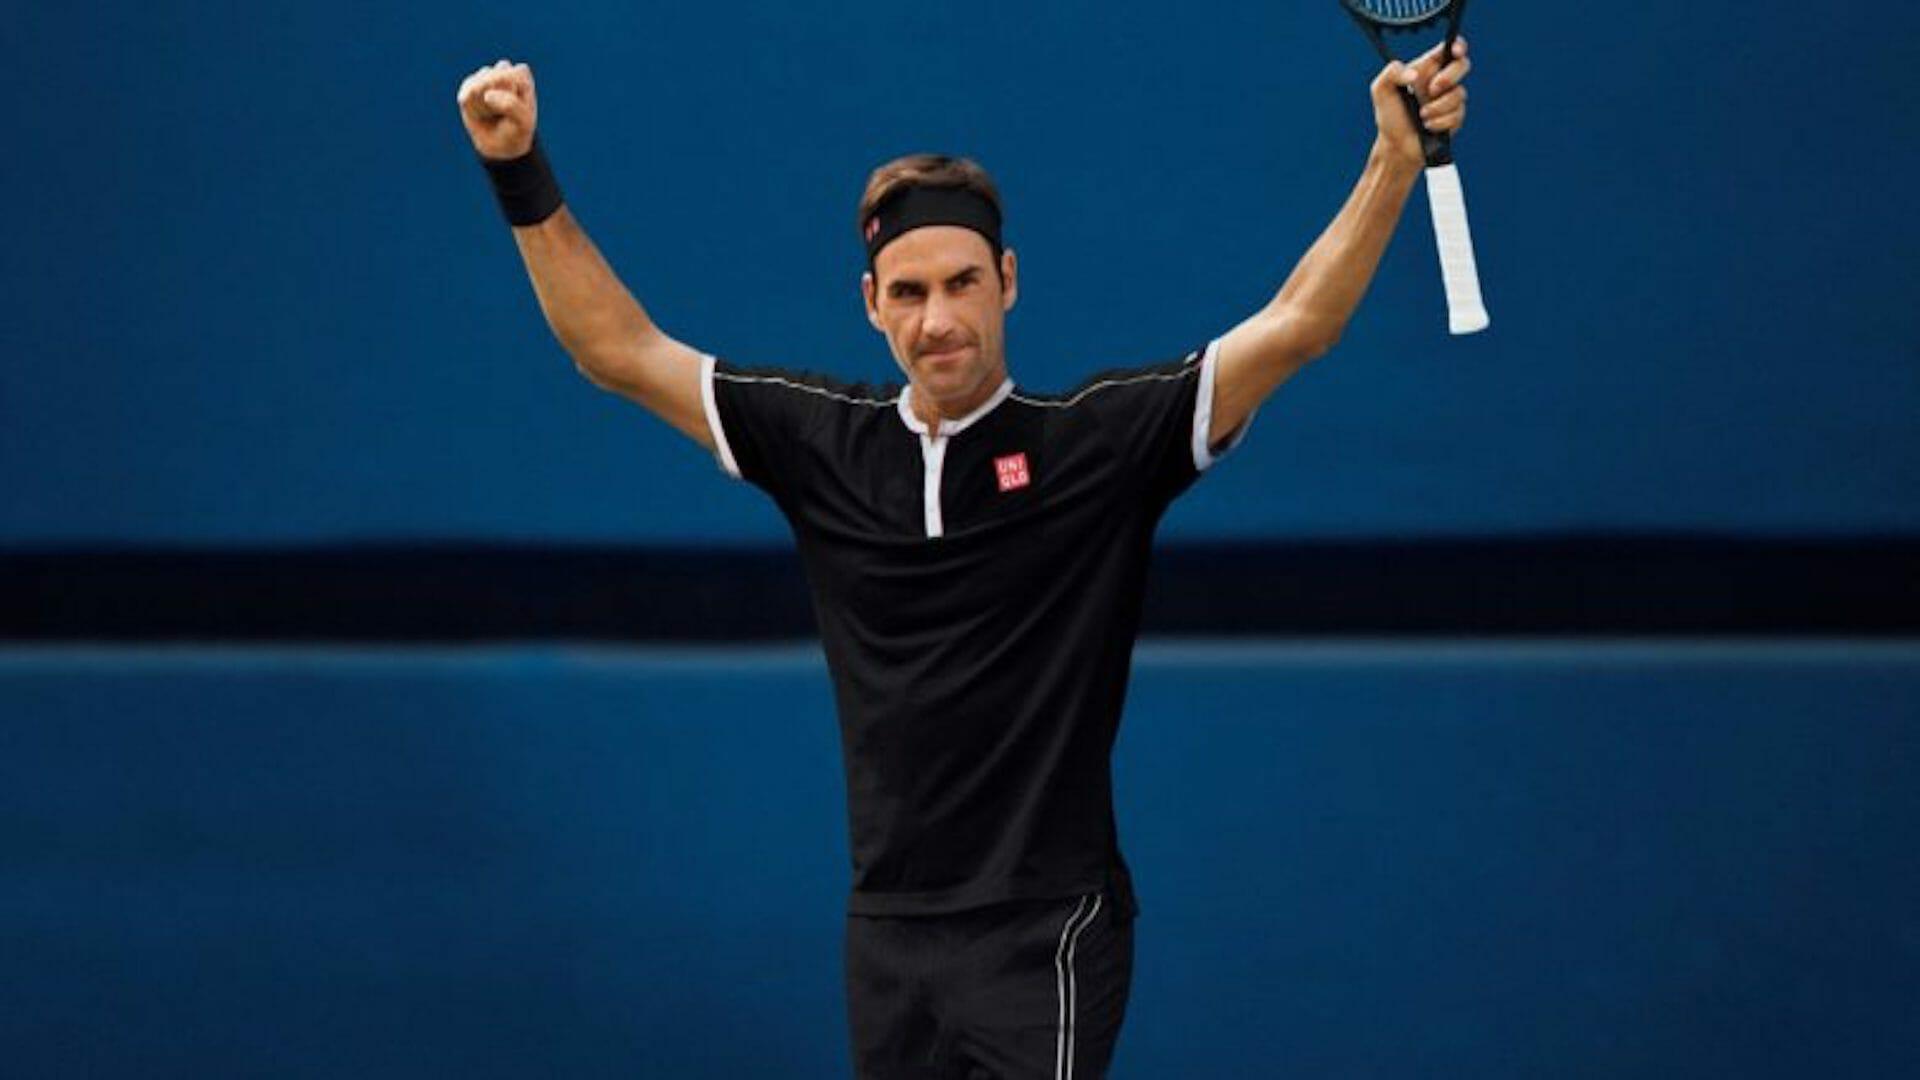 Quelles tenues pour les stars du tennis à l'US Open 2019?